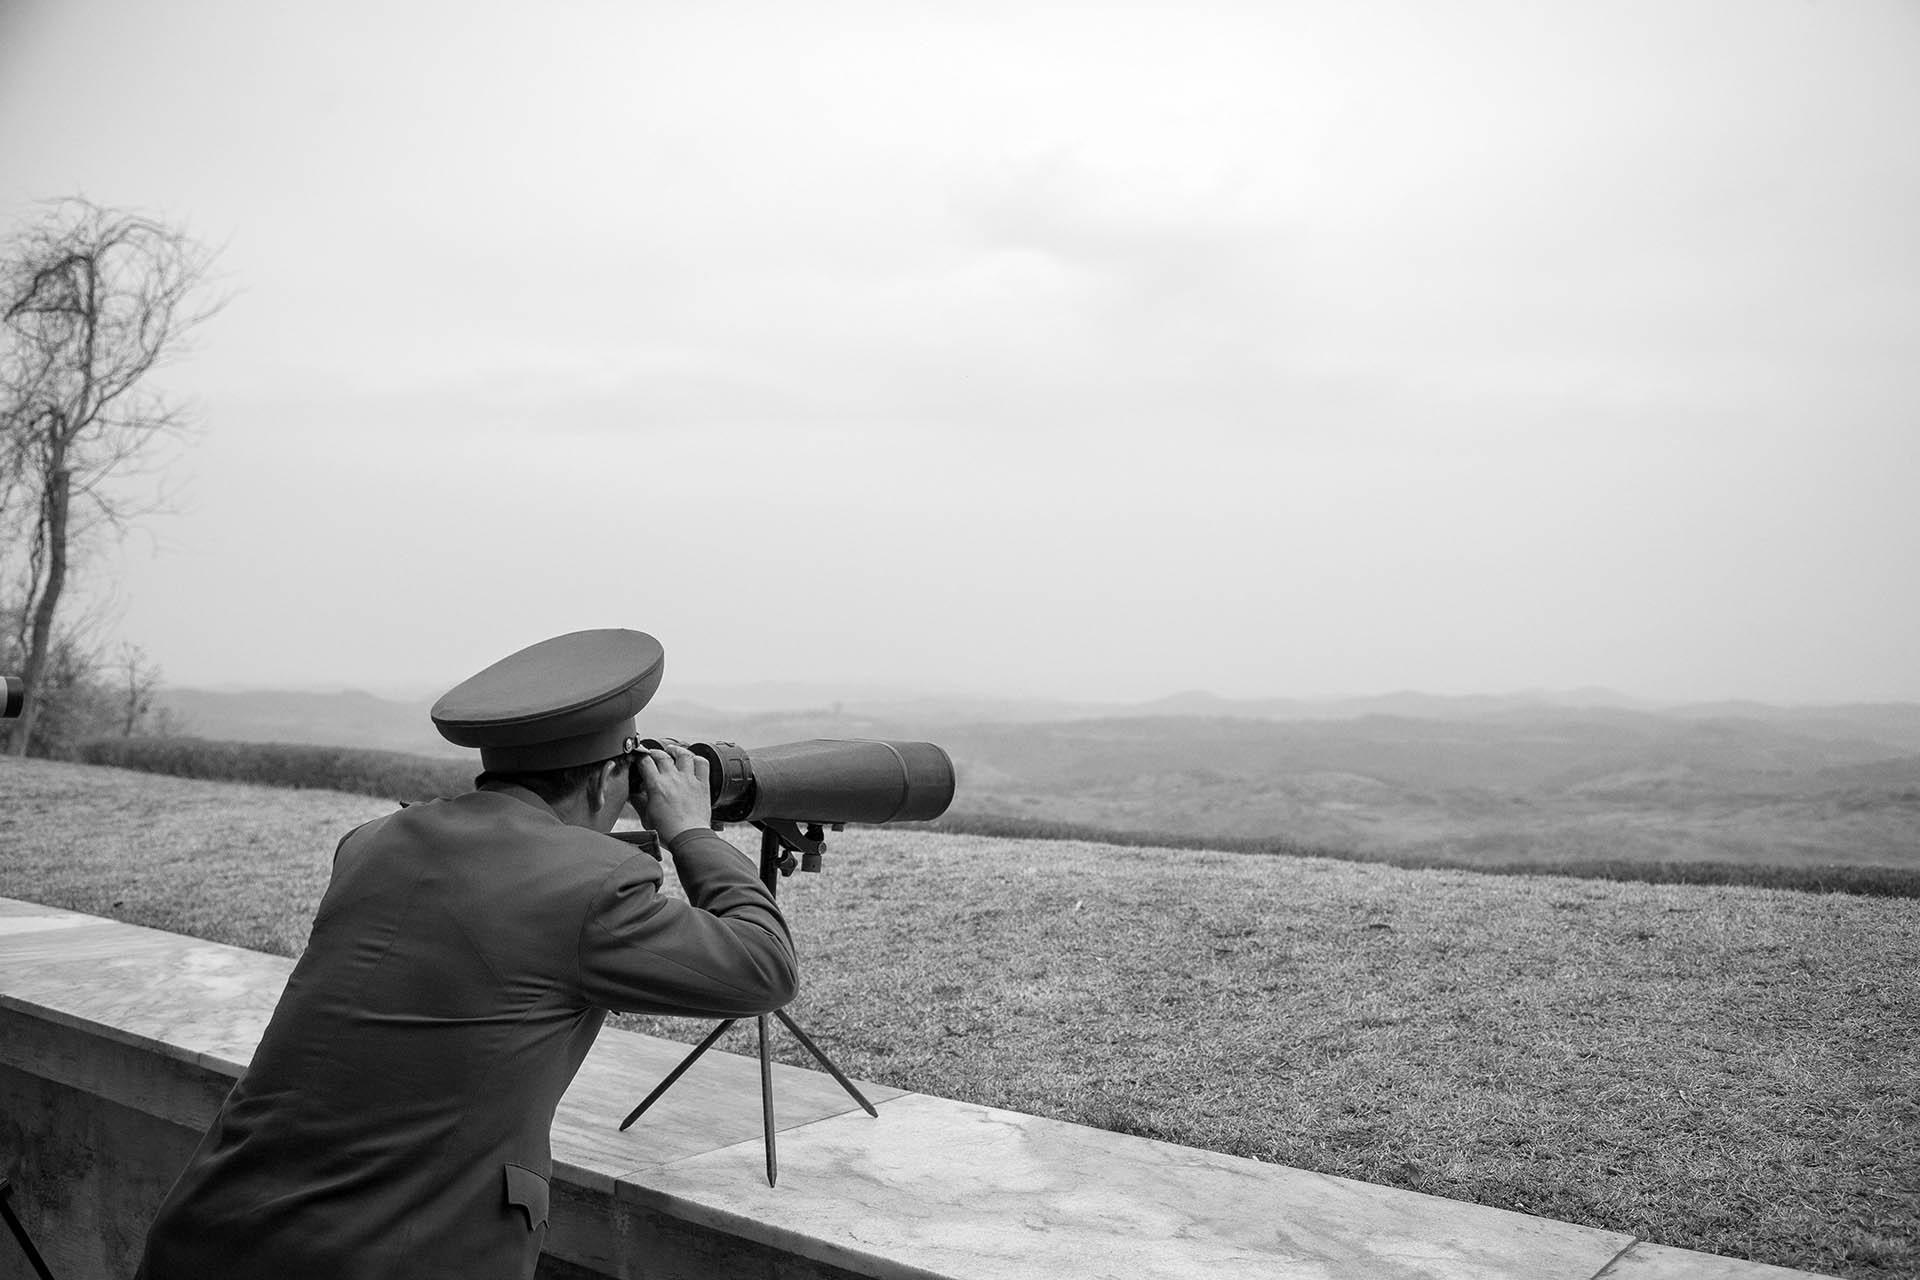 Soldado em vigília na Coreia do Norte. Qualquer semelhança é mera coincidência. Foto de Leo Aversa.